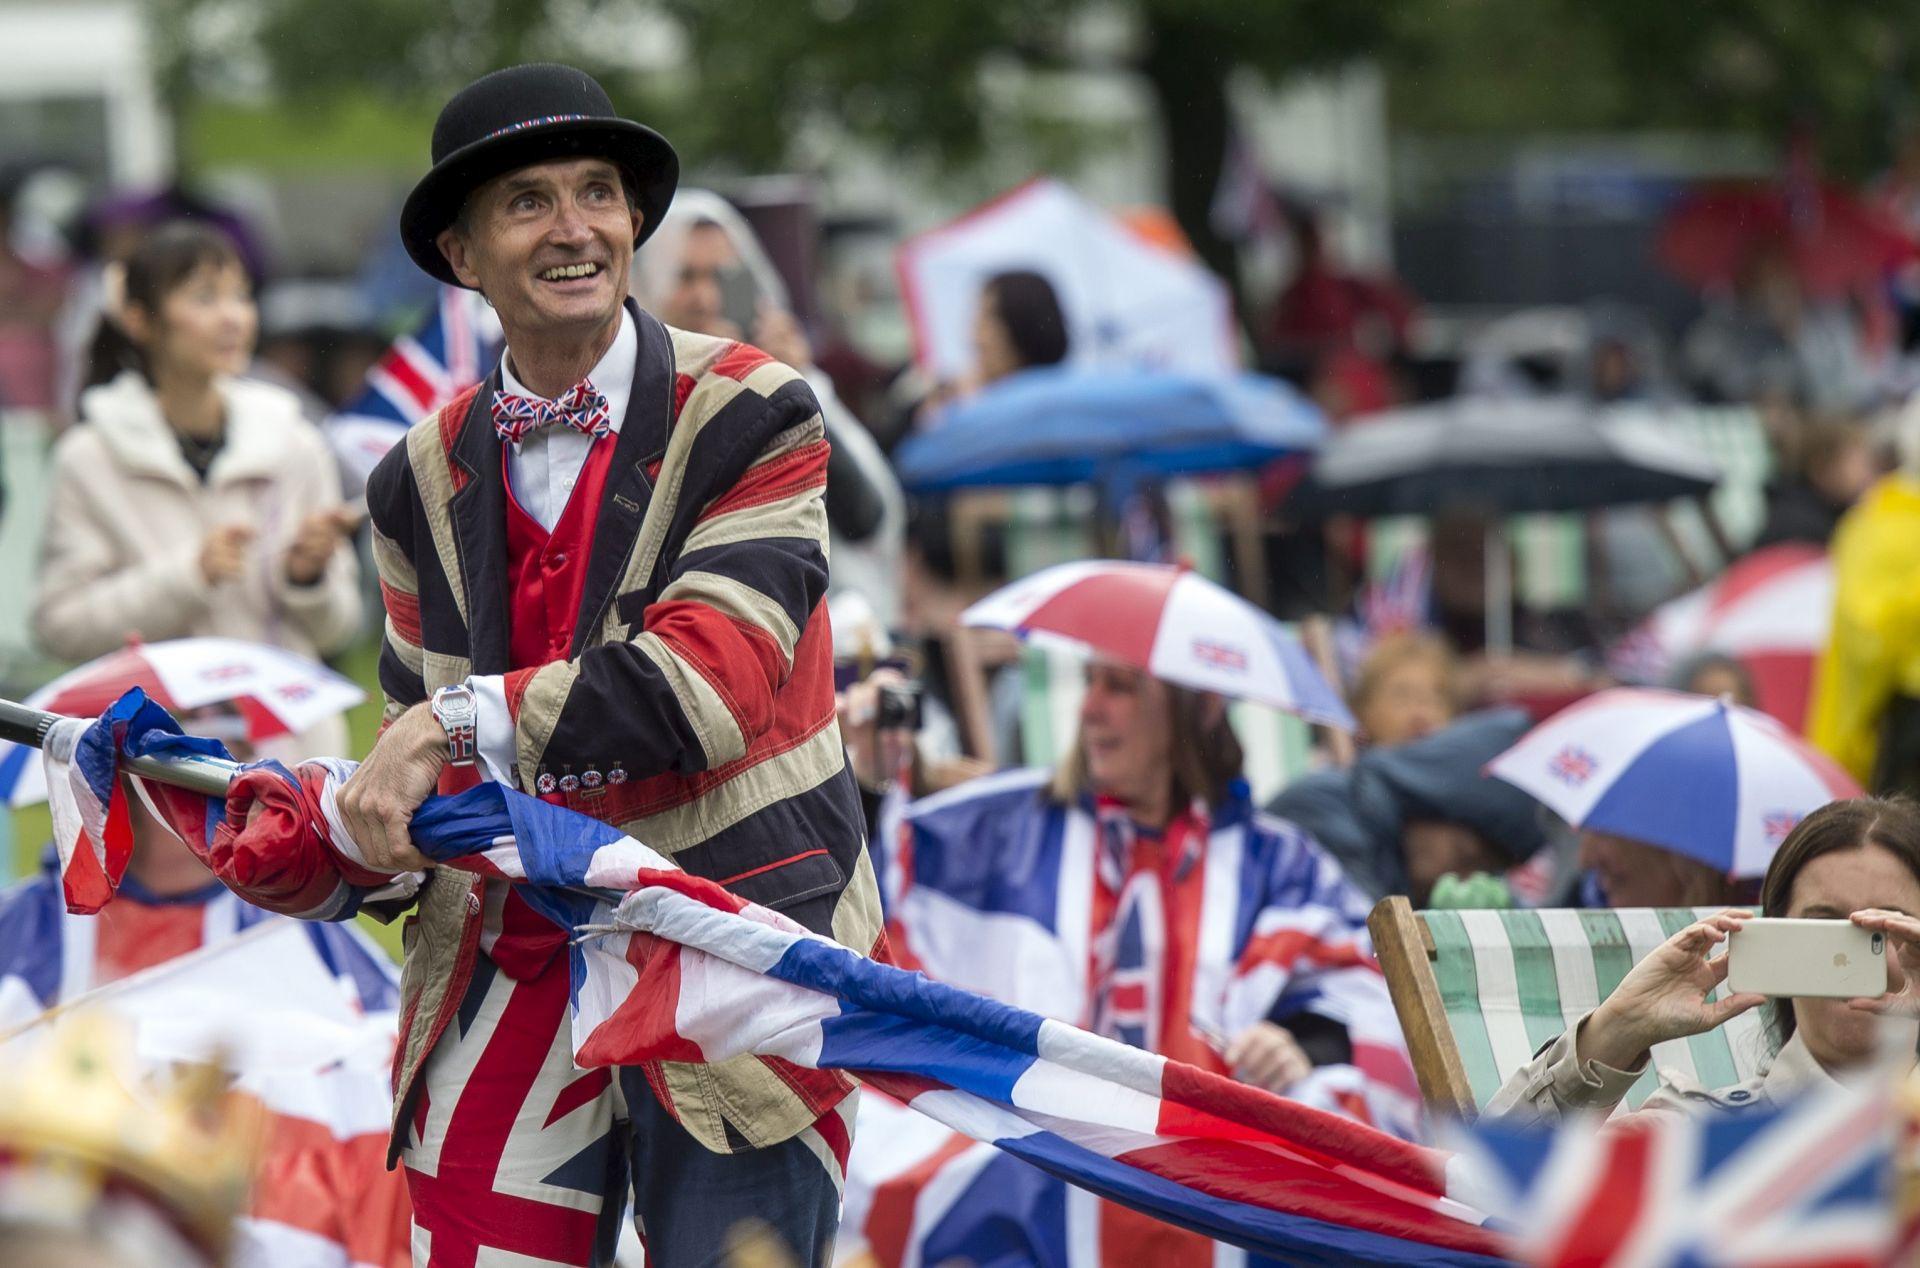 UNATOČ KIŠI: Tisuće na uličnoj zabavi za 90. rođendan britanske kraljice